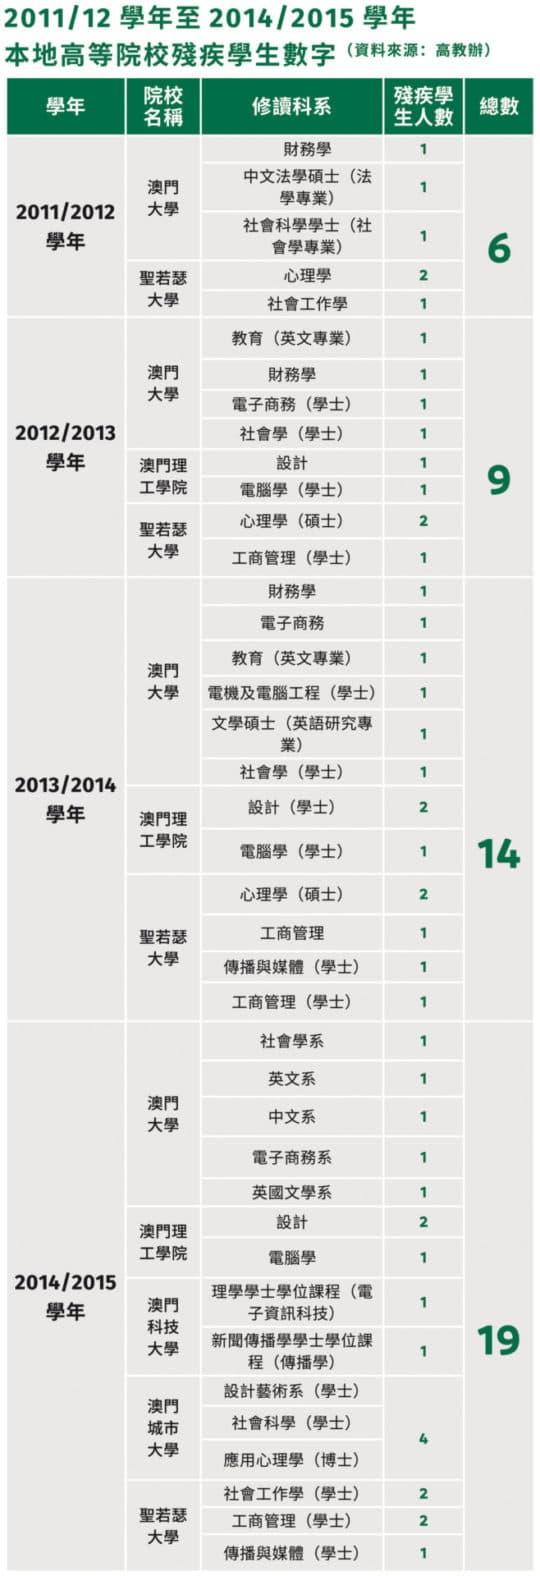 2011/12學年至2014/2015學年 本地高等院校殘疾學生數字(資料來源:高教辦)(論盡製表)